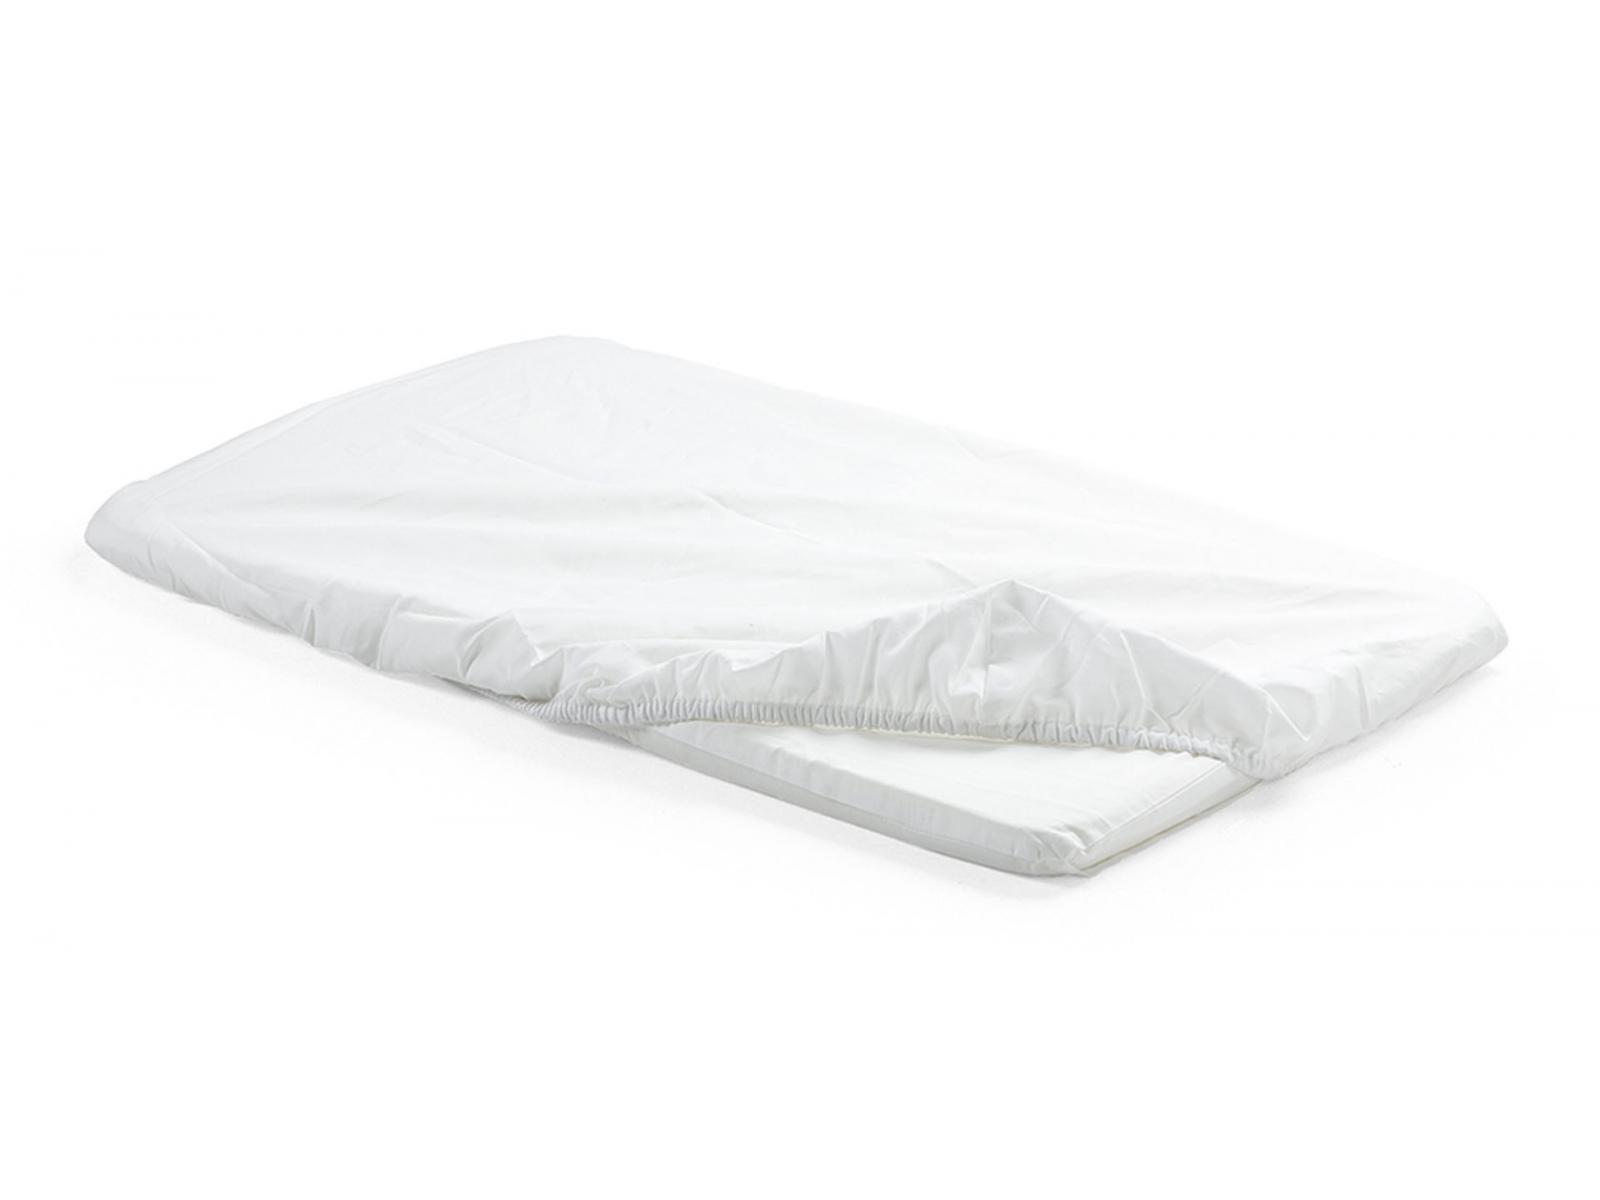 stokke housse de matelas pour berceau home 2pcs blanc. Black Bedroom Furniture Sets. Home Design Ideas